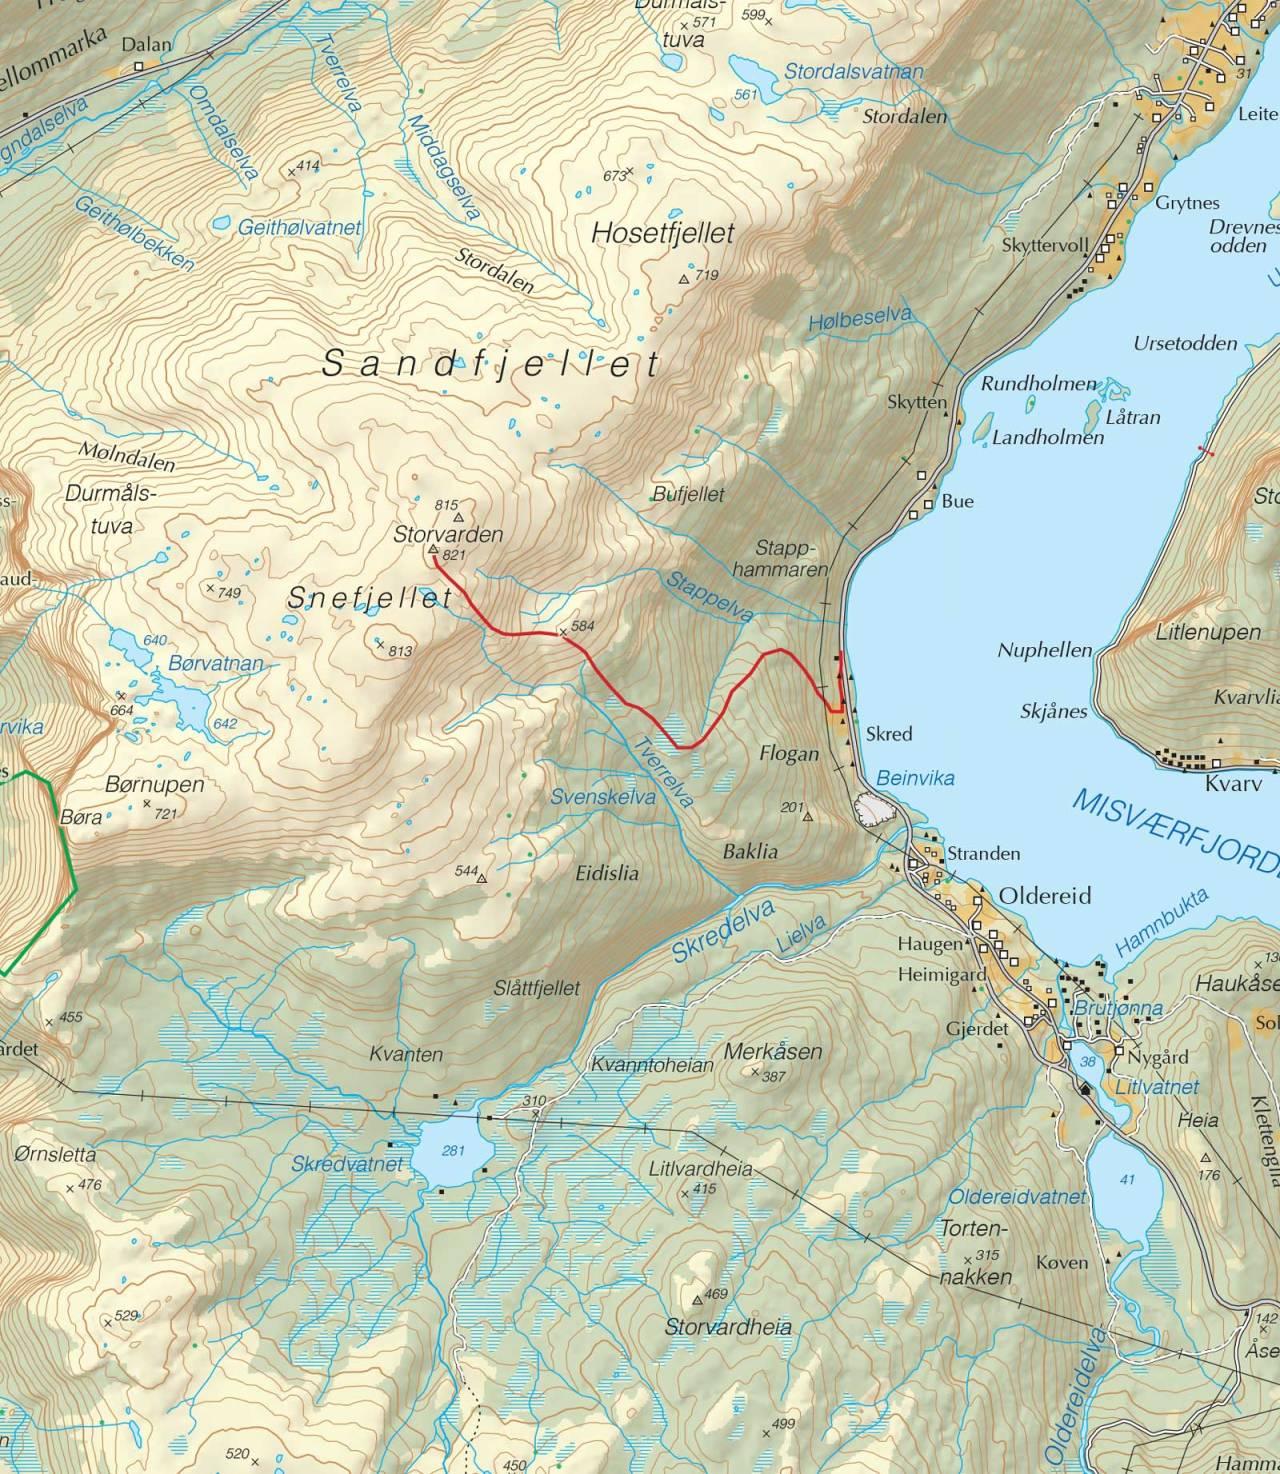 Kart over Snefjellet med inntegnet rute. Fra Trygge toppturer.